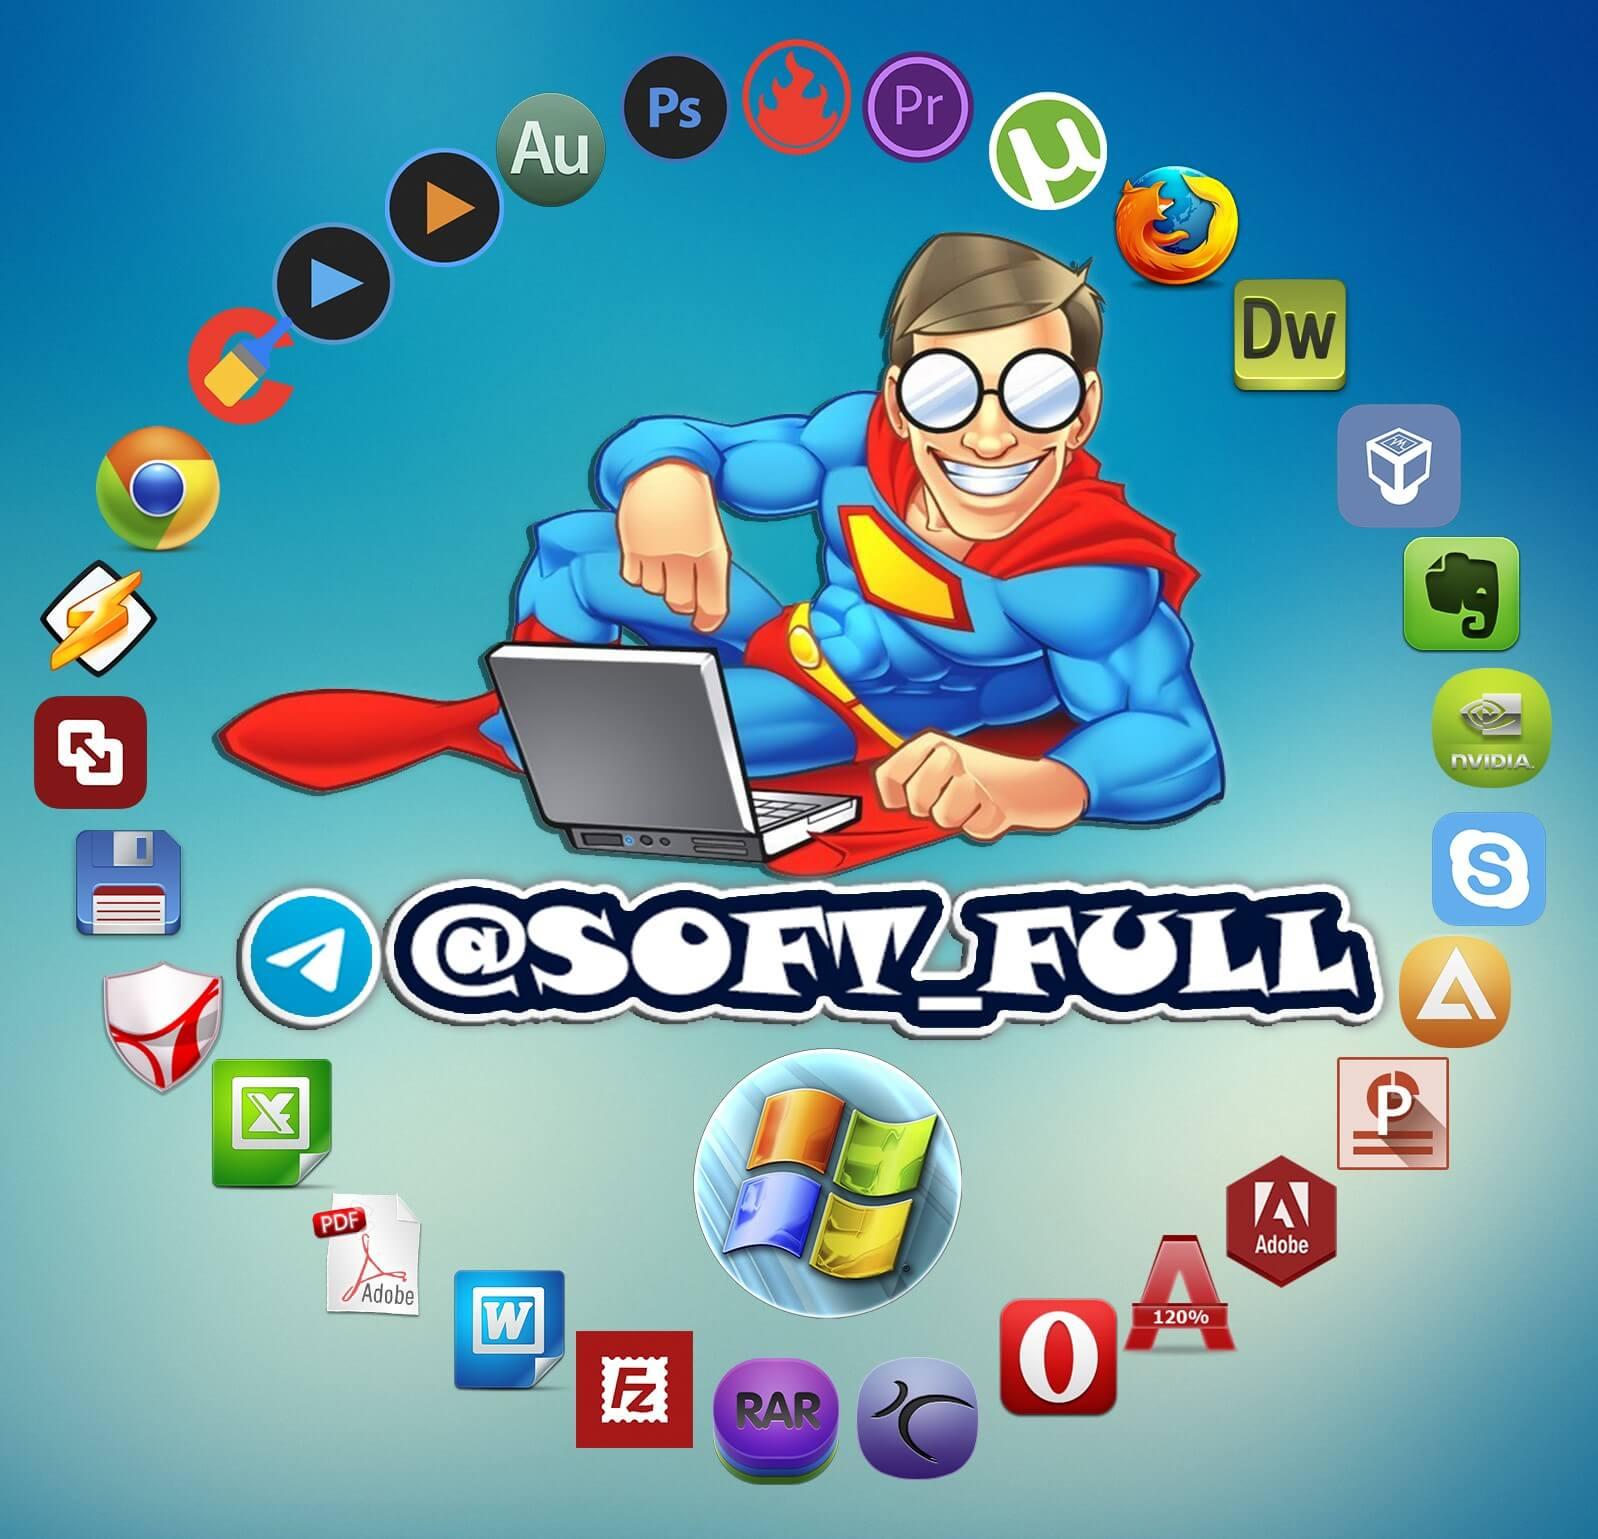 @Soft_Full